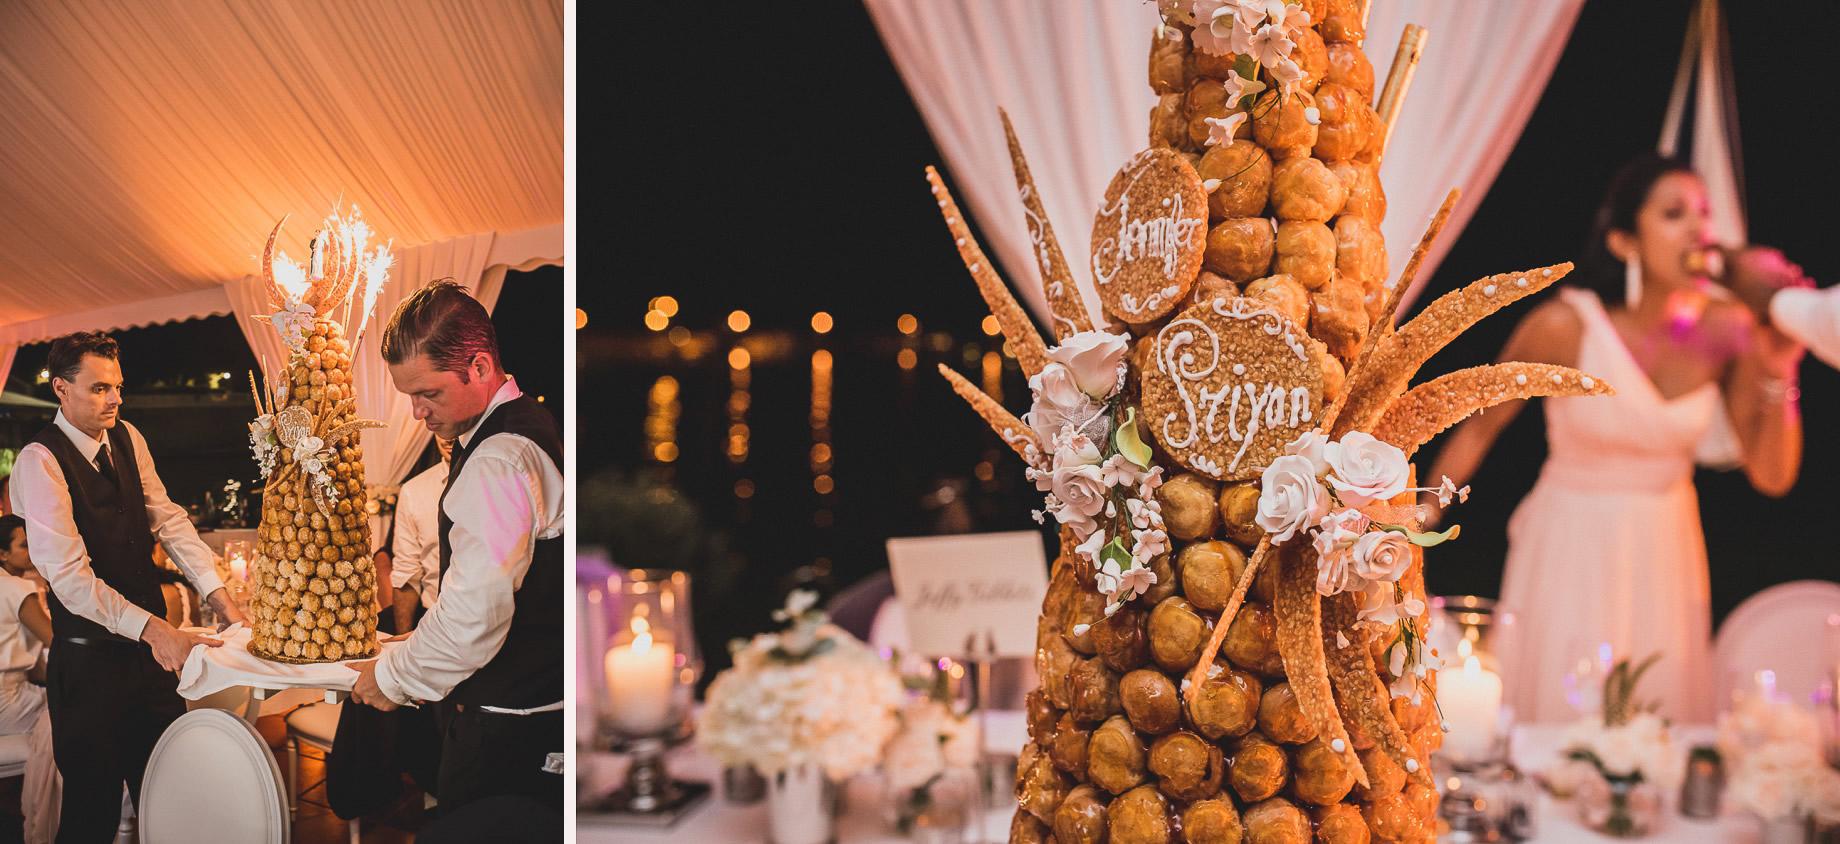 Jen and Priyan's Wedding at Hotel Belles Rives 166